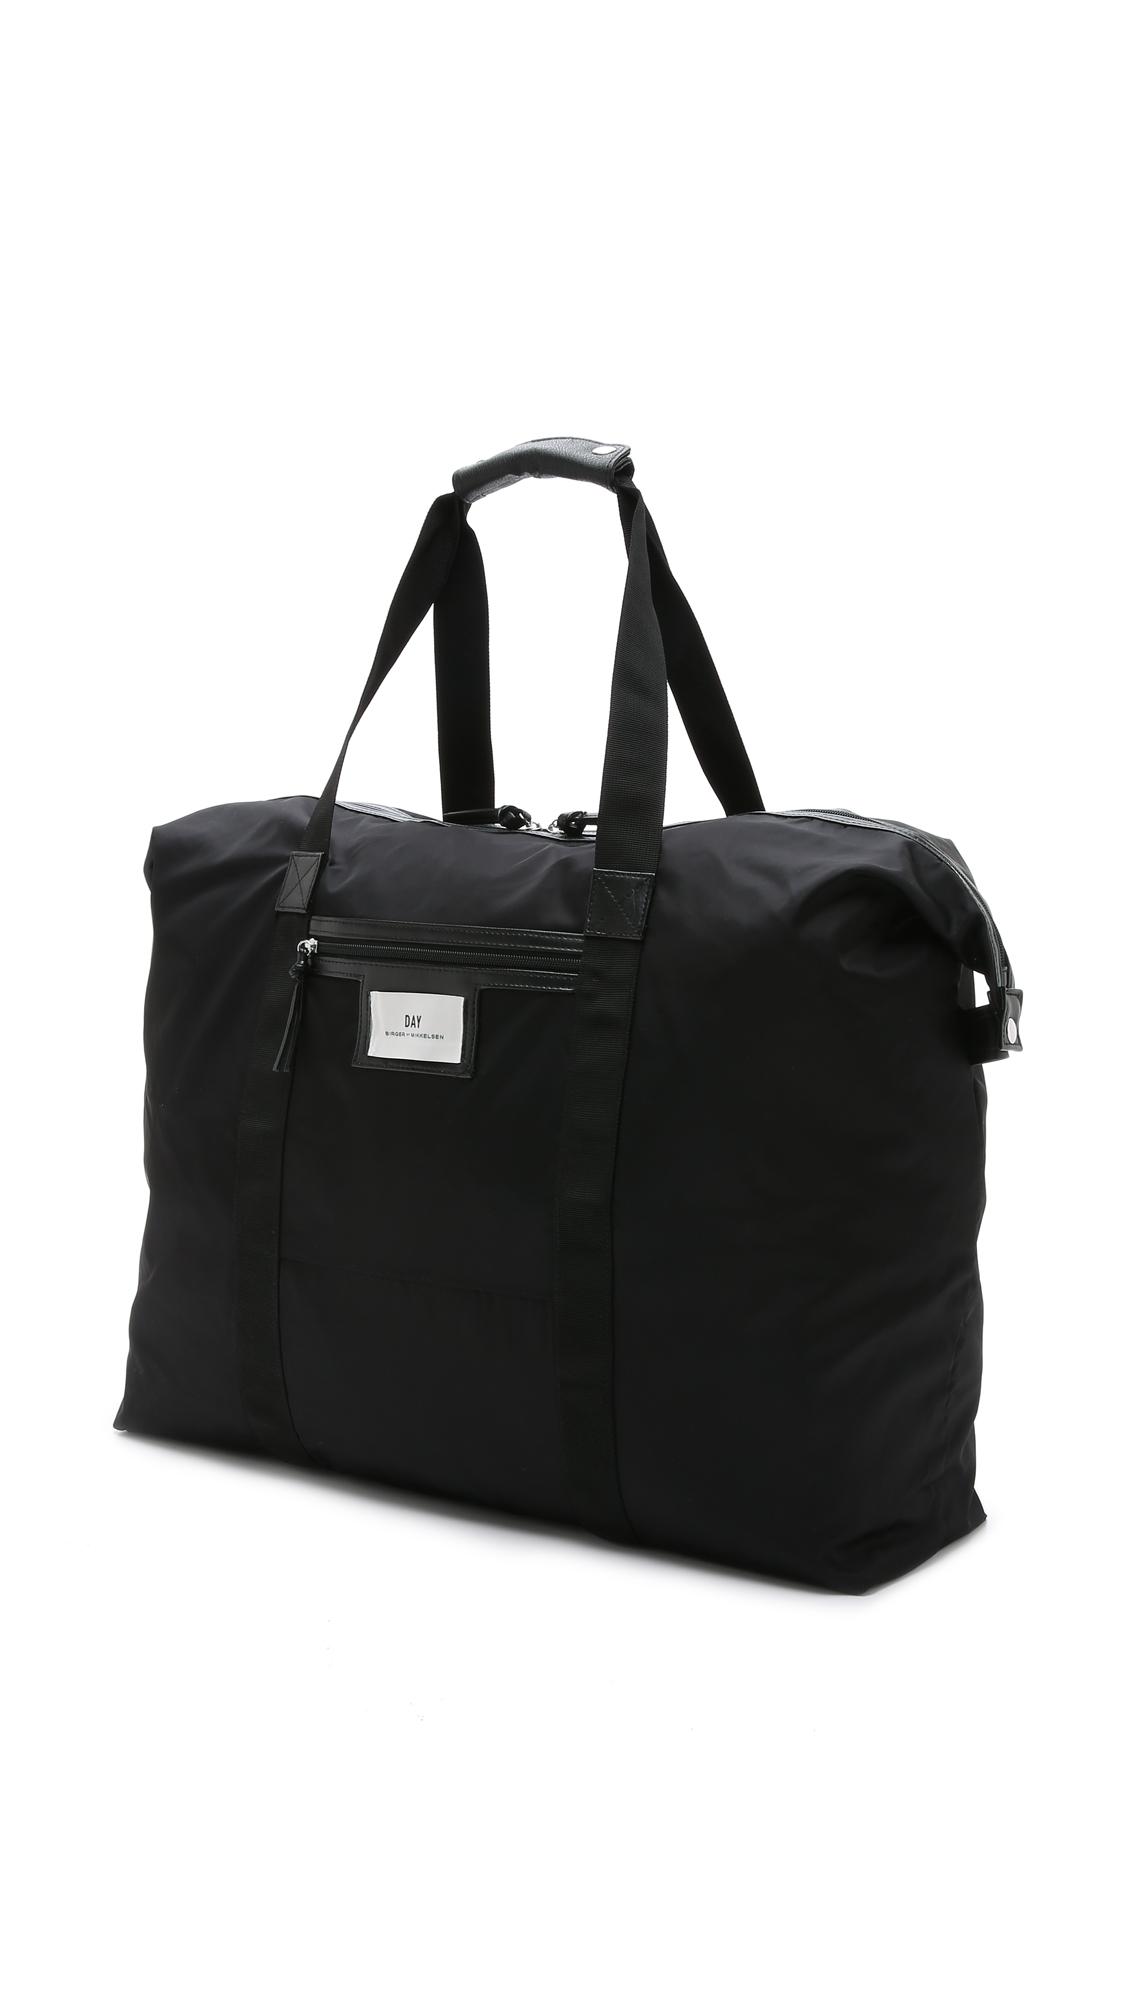 6089c84c Day Birger et Mikkelsen Day Gweneth Weekend Bag - Black in Black - Lyst